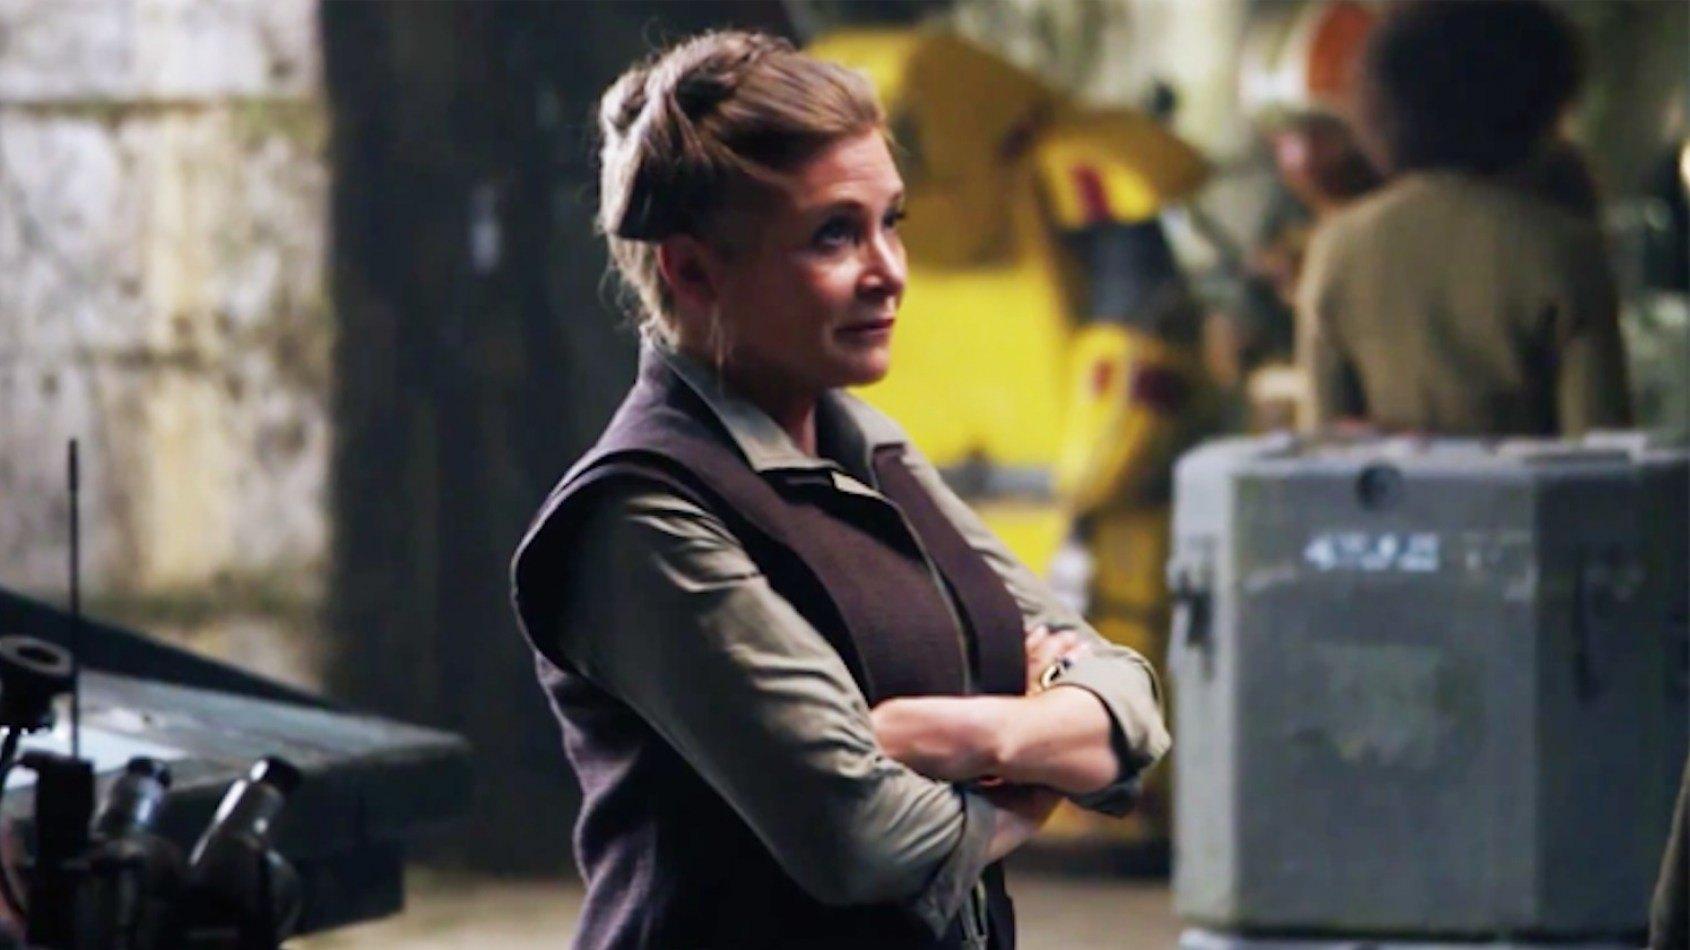 Le nouveau statut de Leia dans le Réveil de la Force